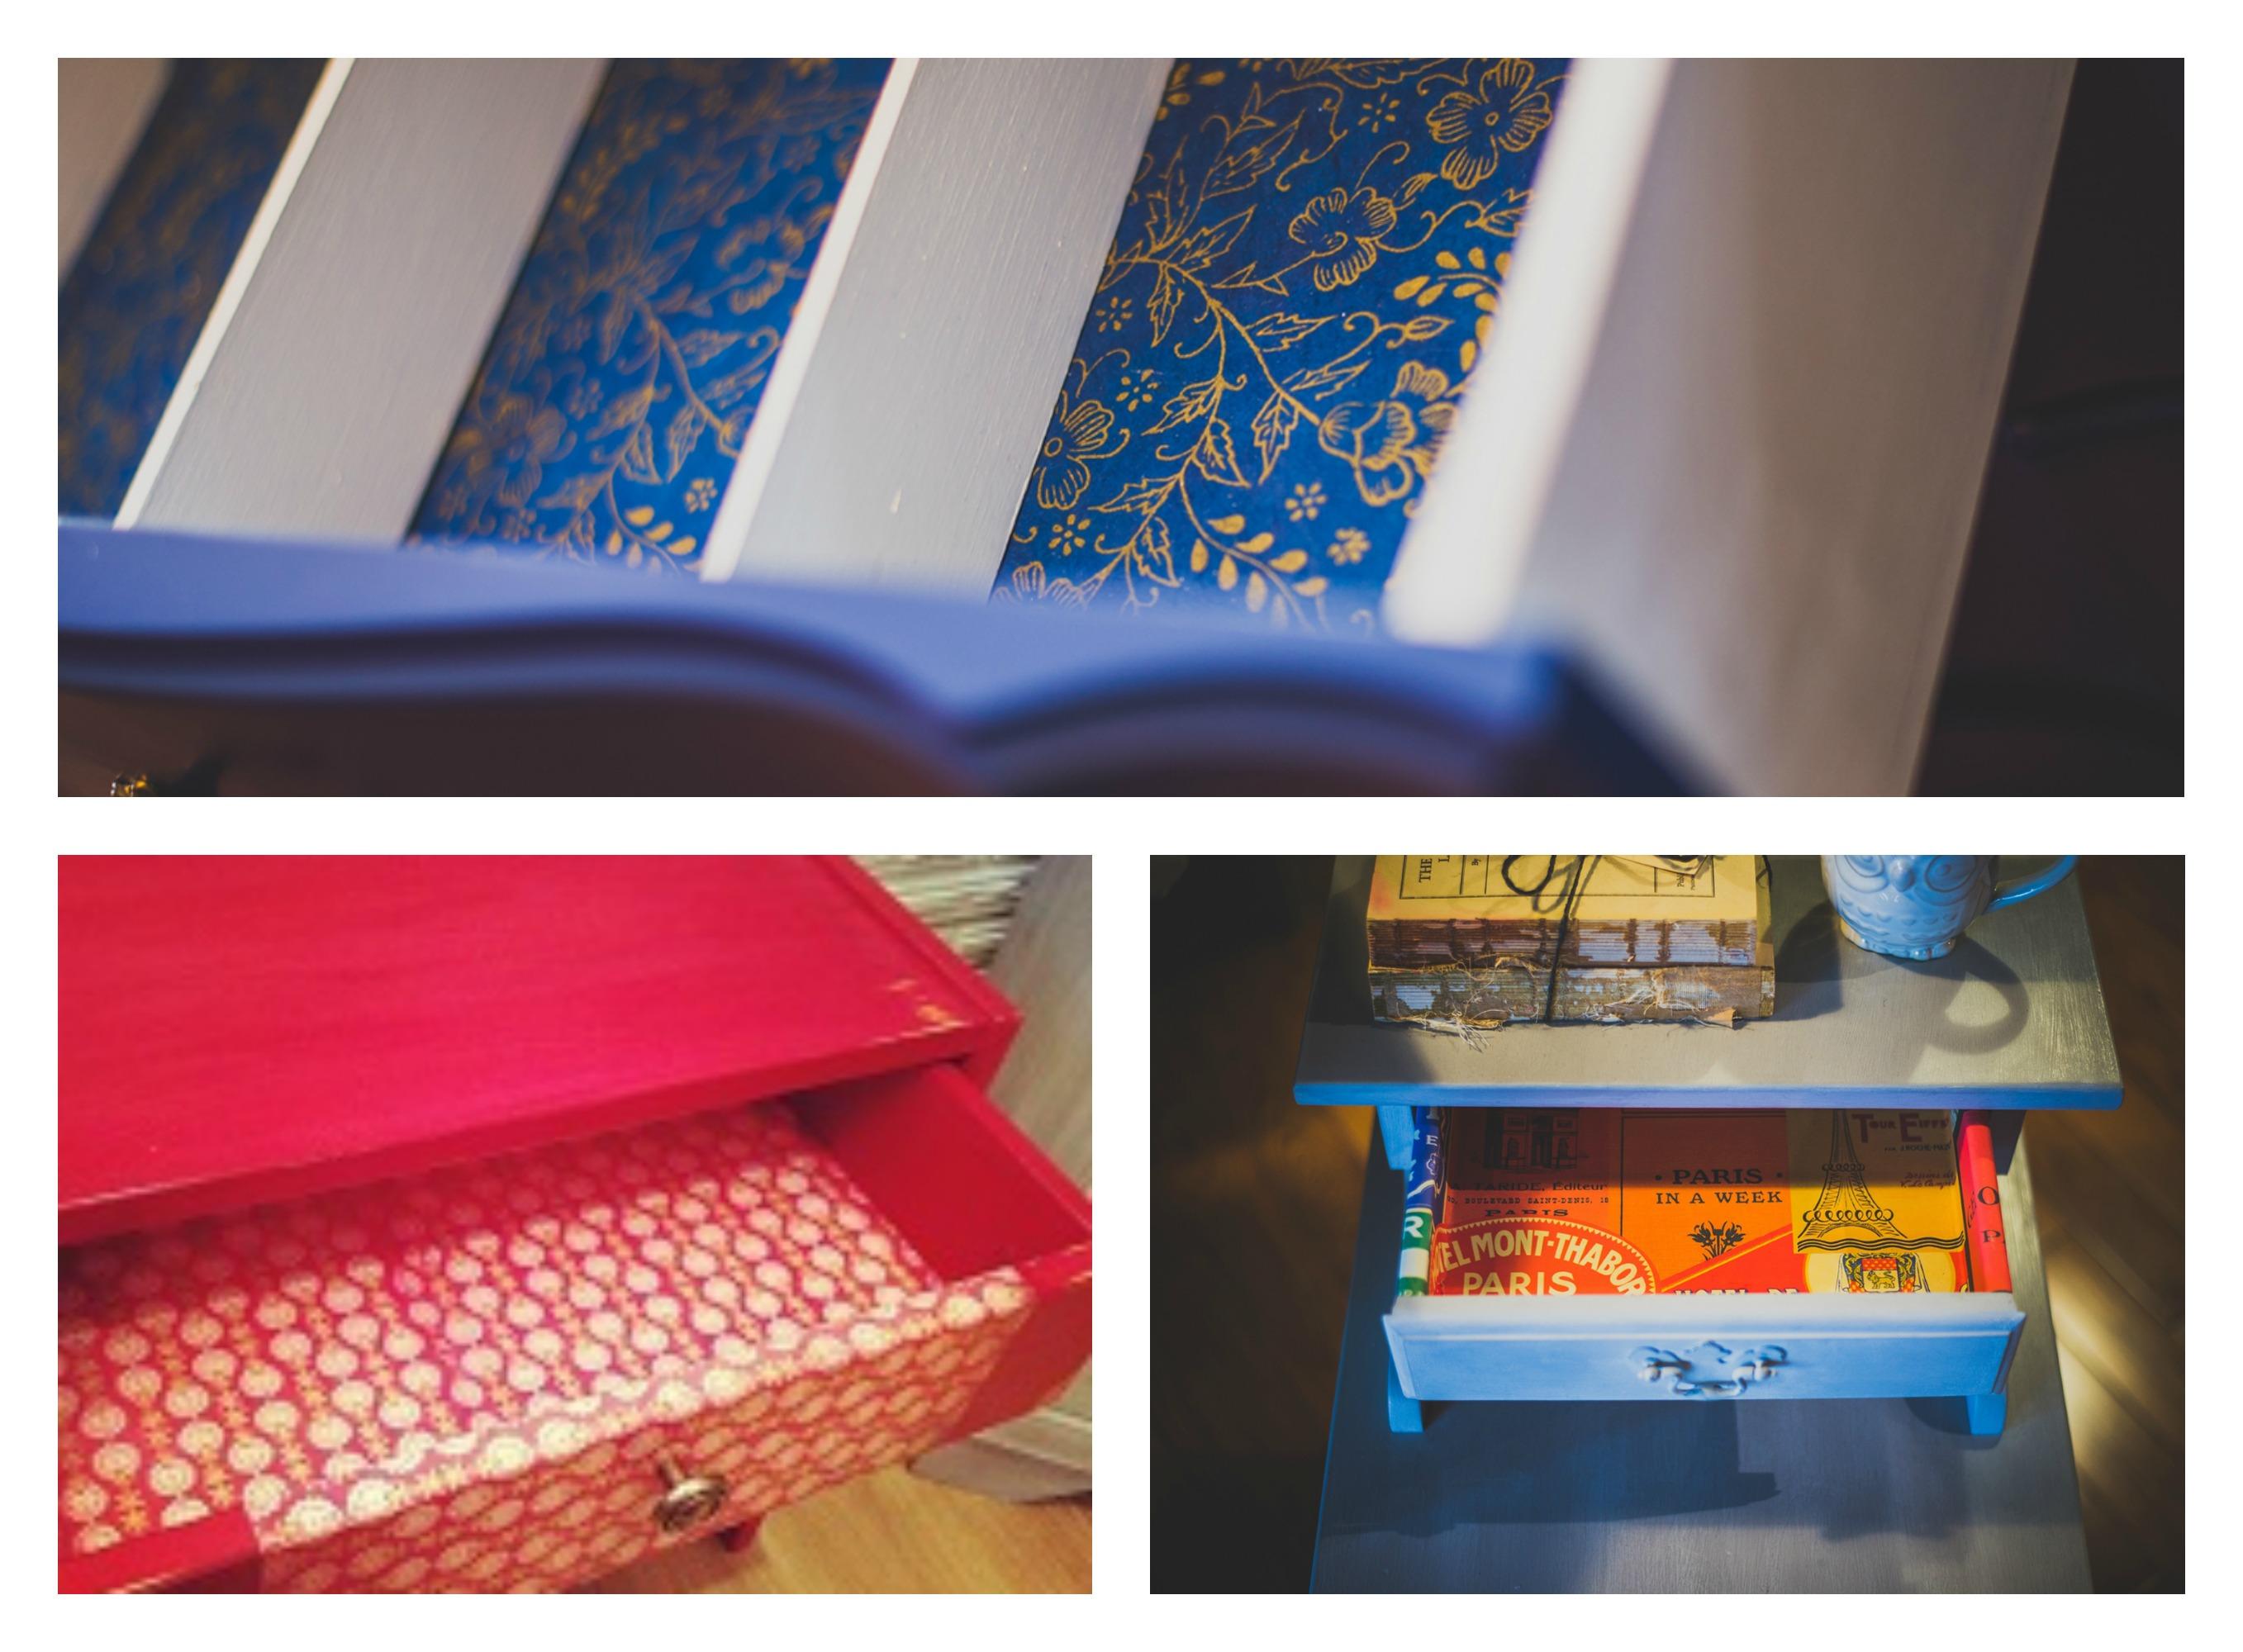 conseil d artiste le papier peint blogue cr ations aube design. Black Bedroom Furniture Sets. Home Design Ideas